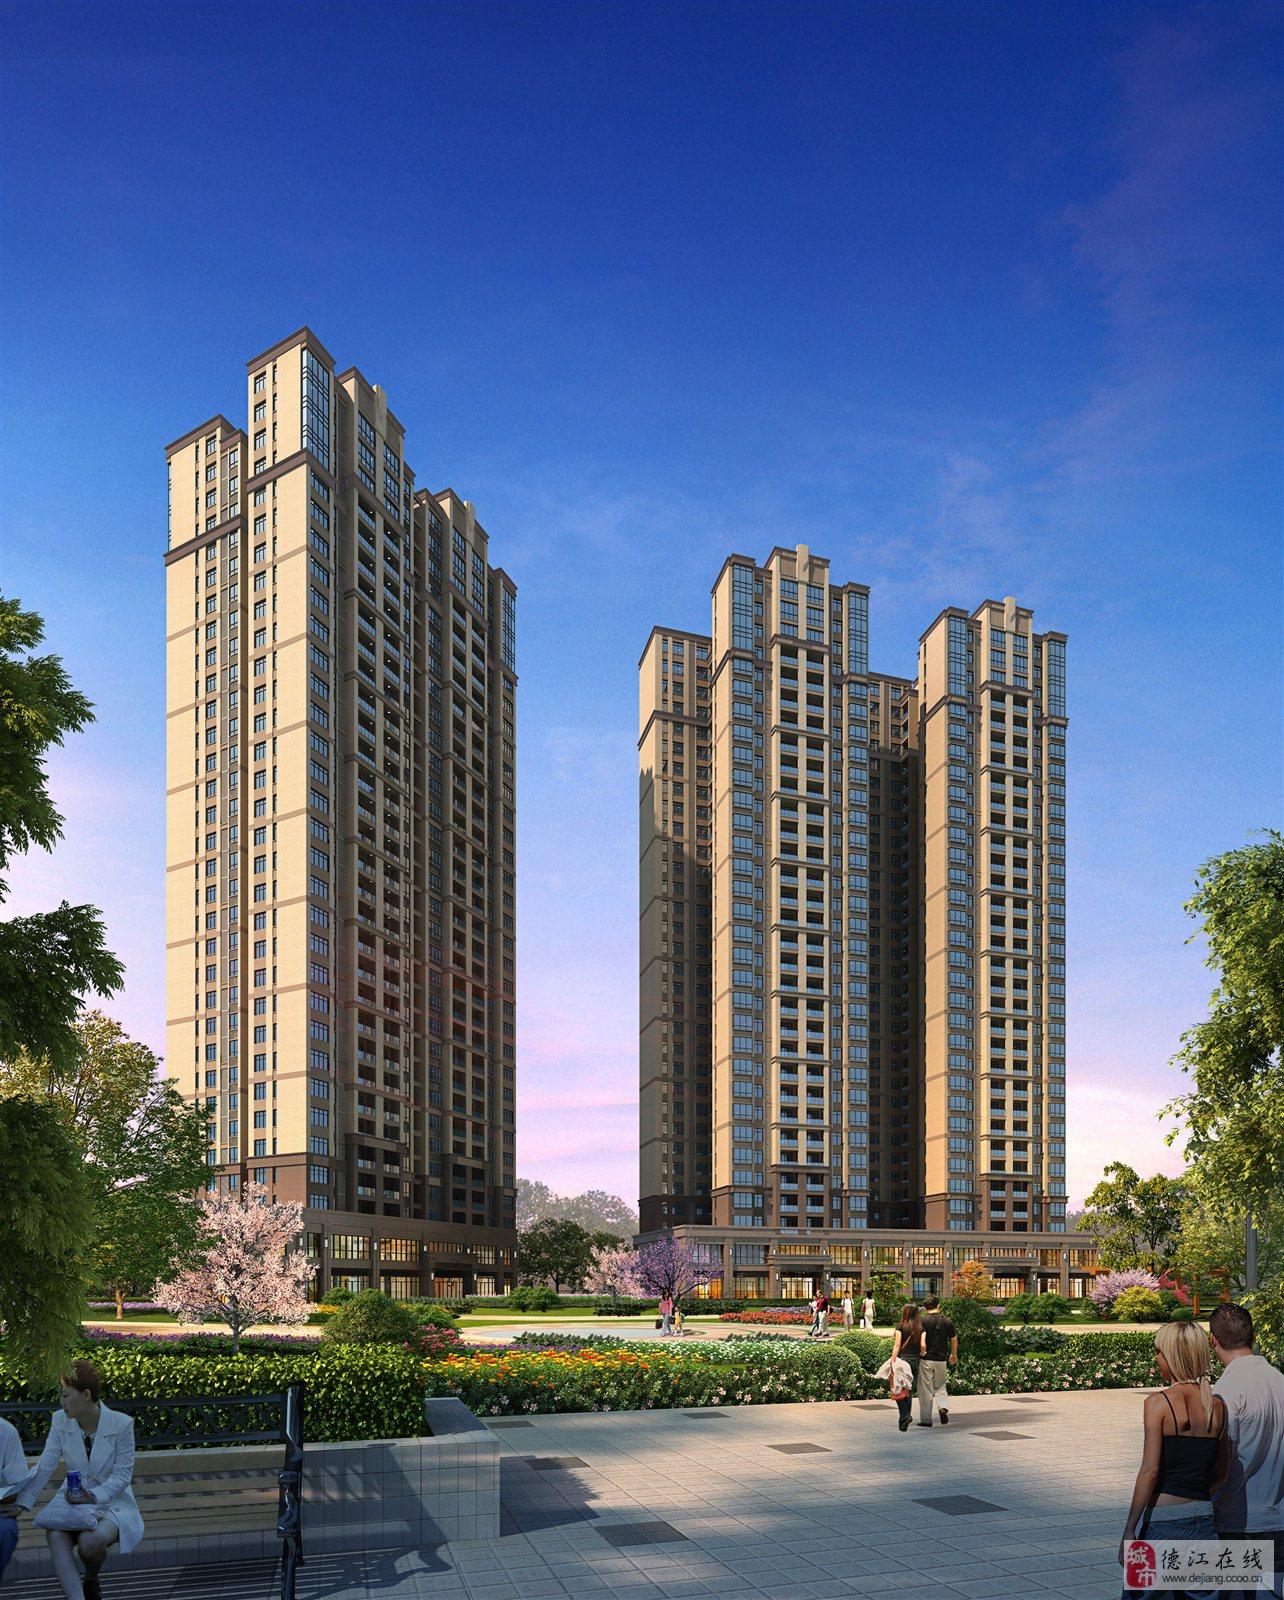 中京国际盛大开盘 朝公园 视野开阔风景如画 生活便利